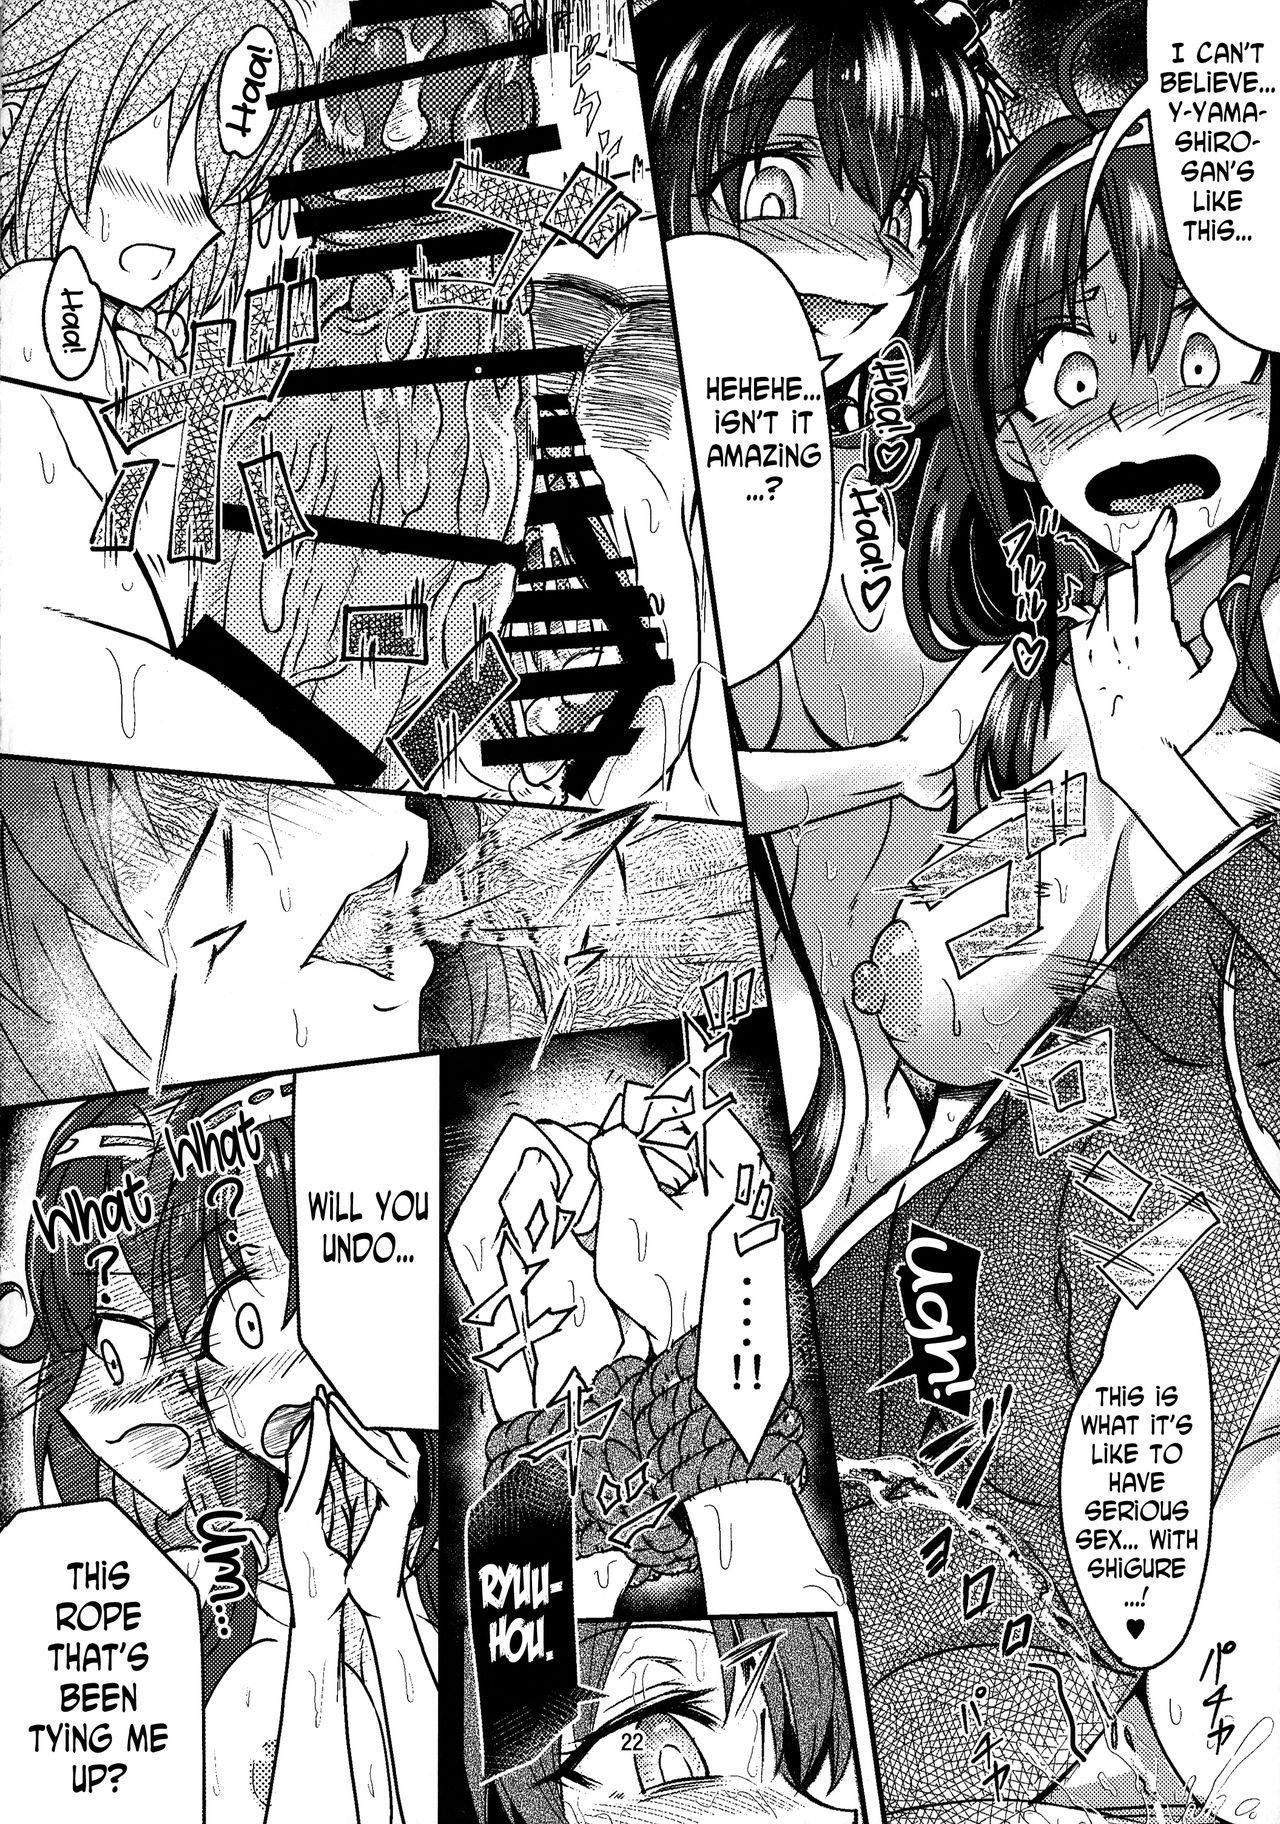 Futanari Shigure Fusou no Bouryaku Daini Sakusen 20